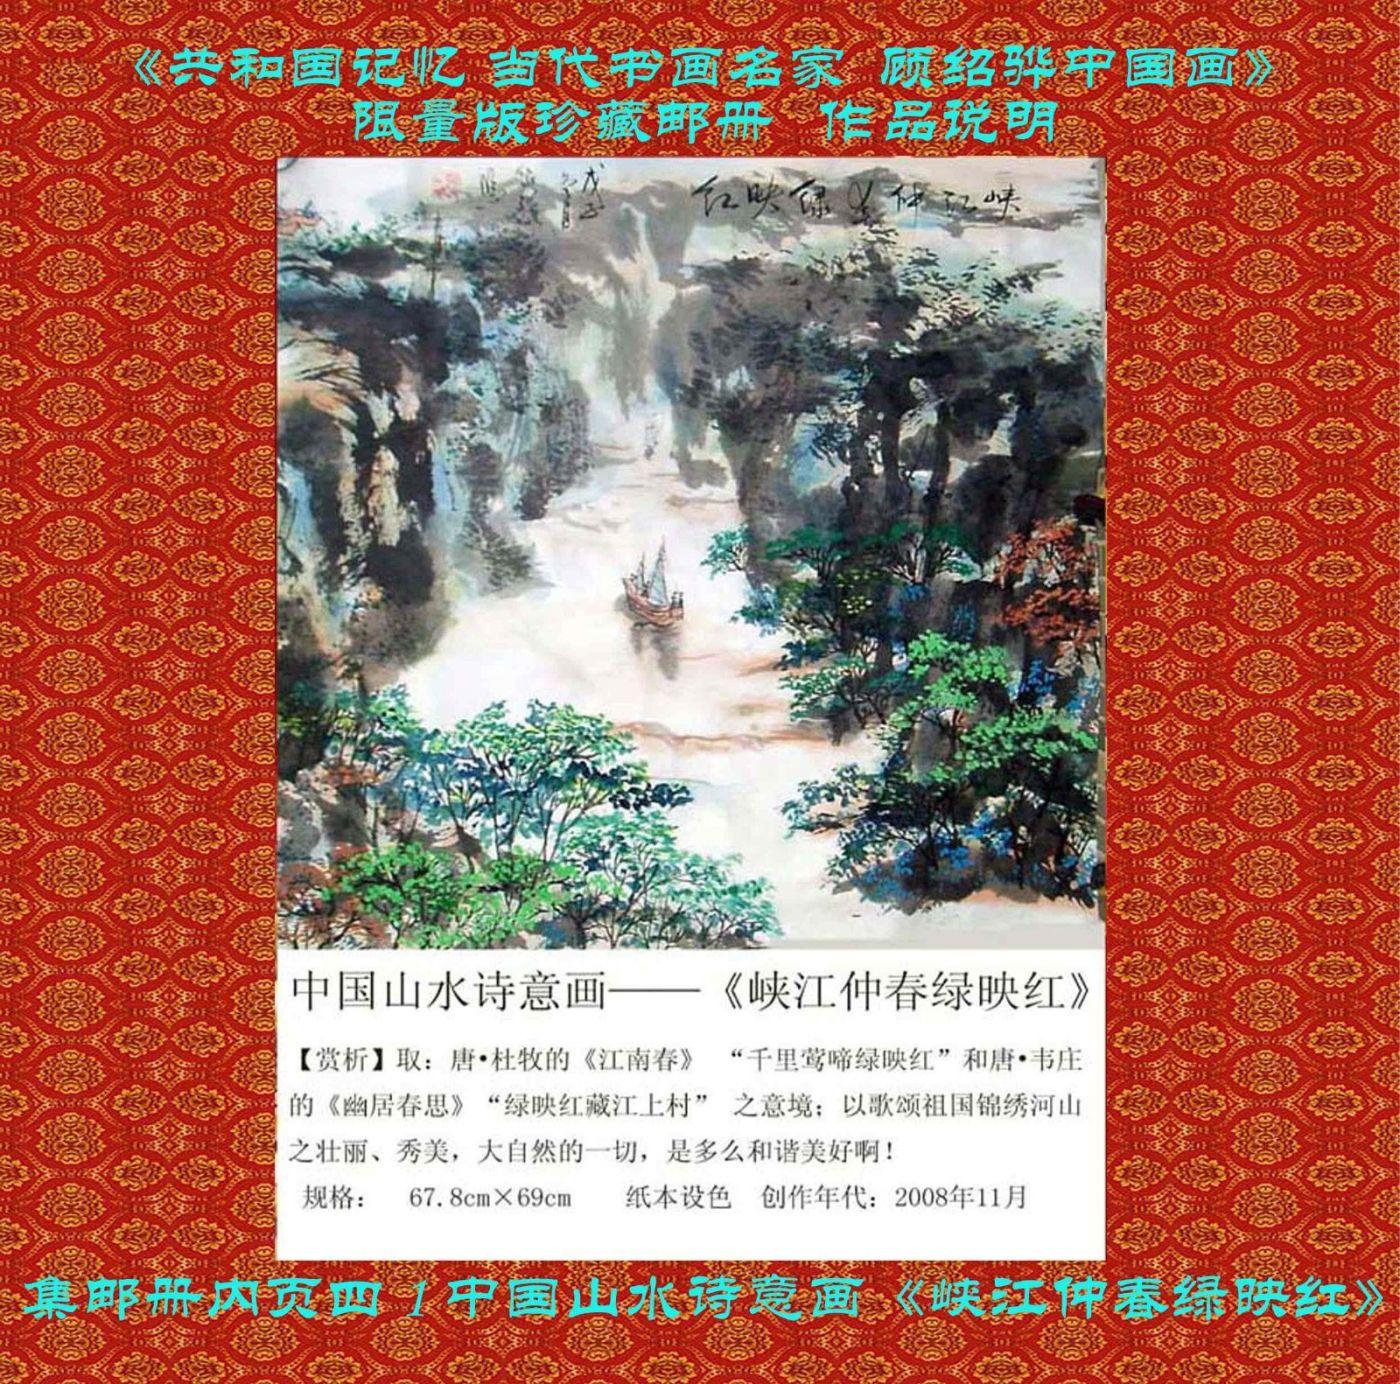 """""""顾绍骅的诗情画意""""入选《共和国记忆 ·中国书画艺术名家》限量版集邮珍藏册 ..._图1-21"""